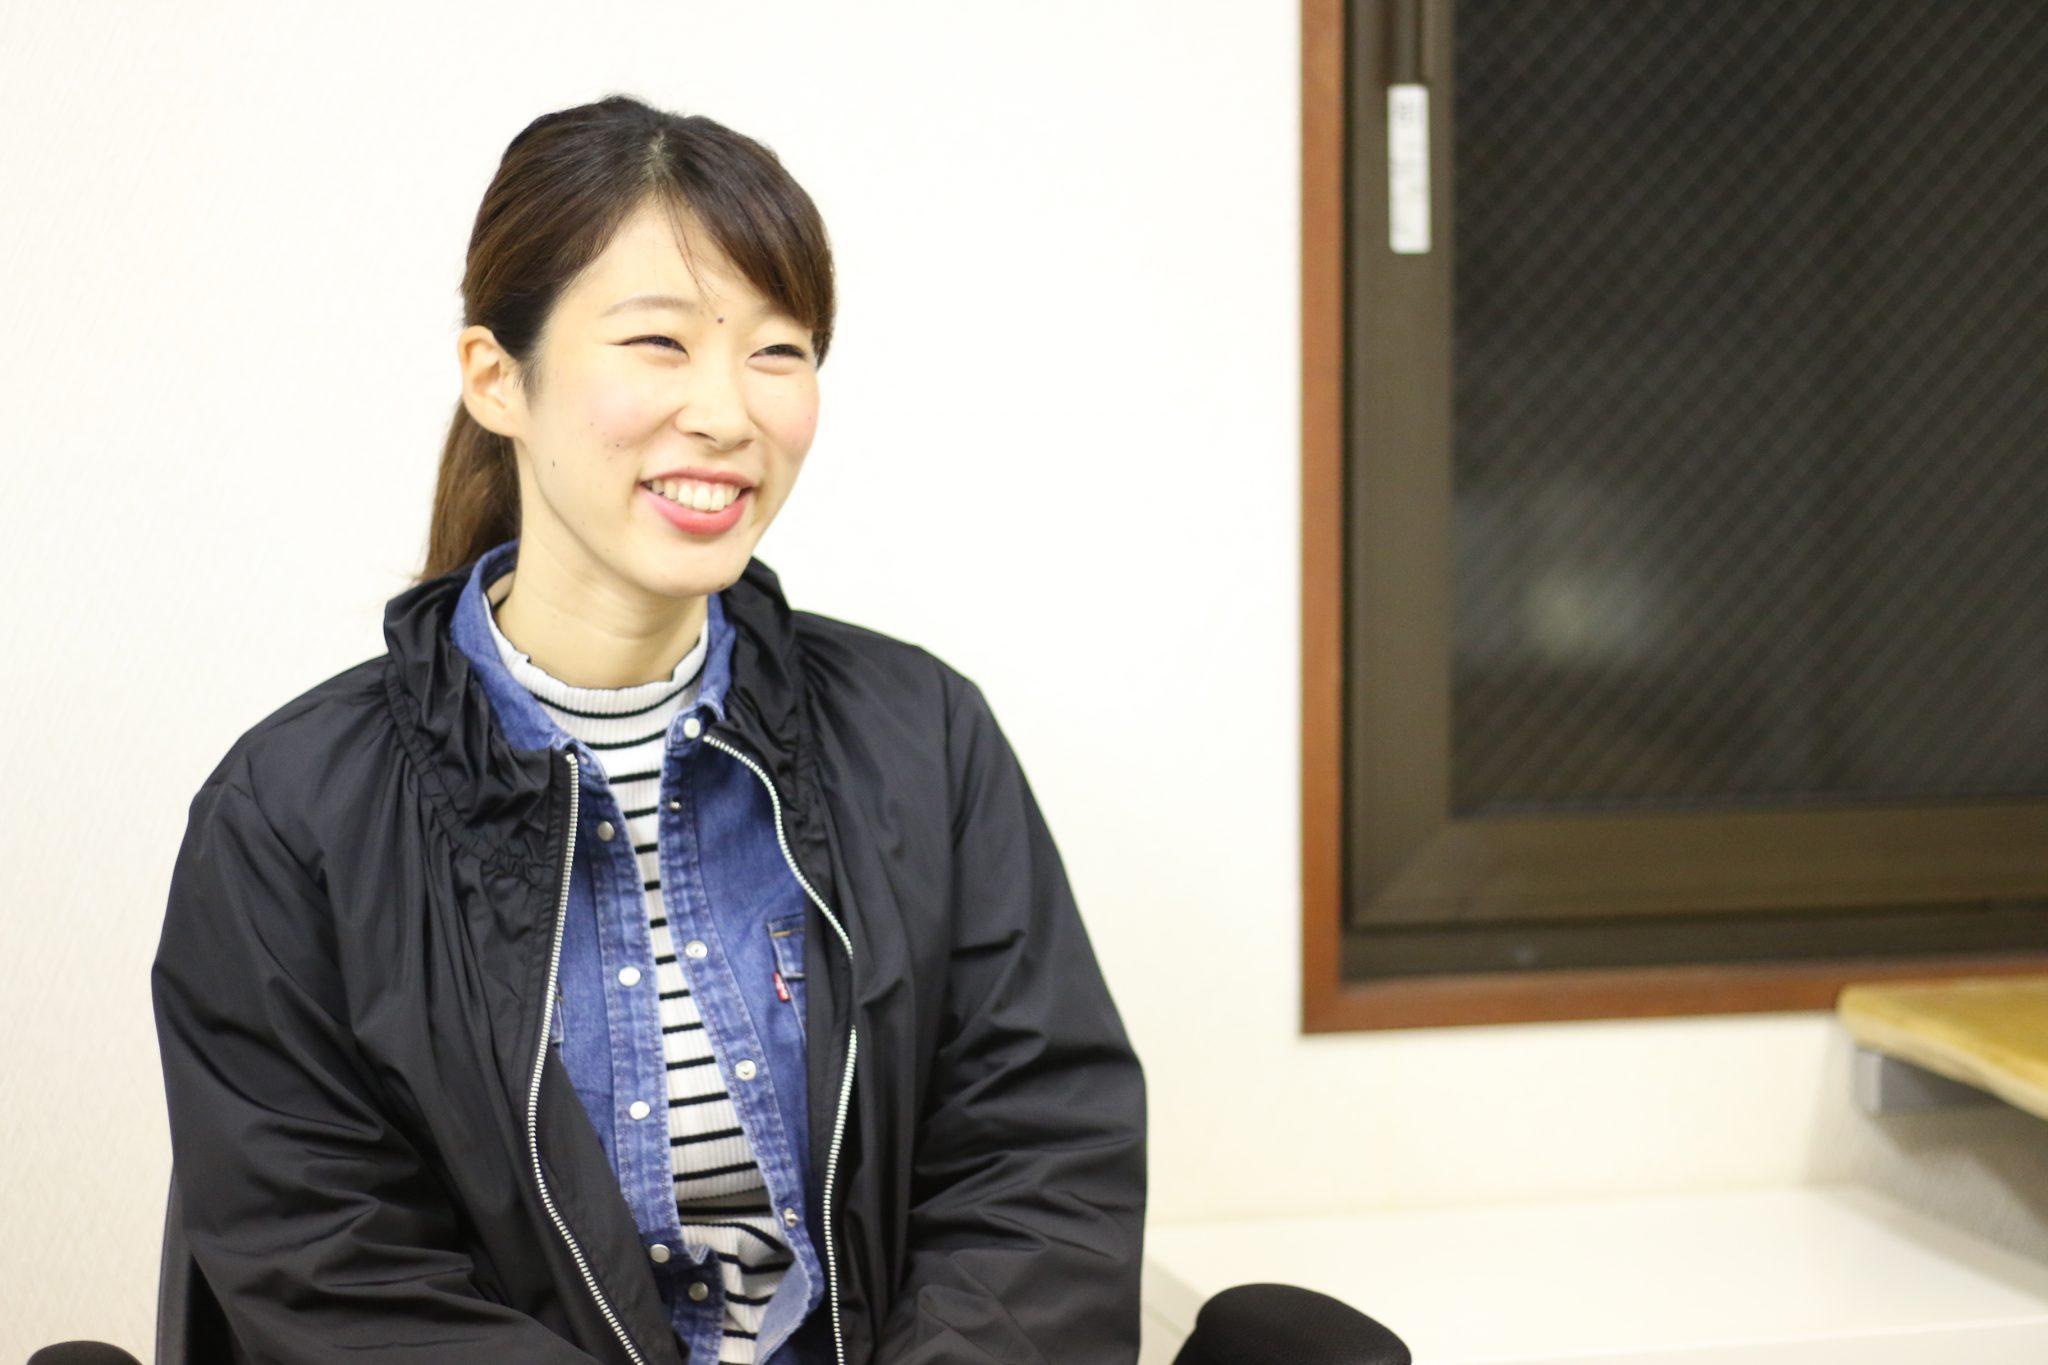 タップダンス 夢先生 インタビュー